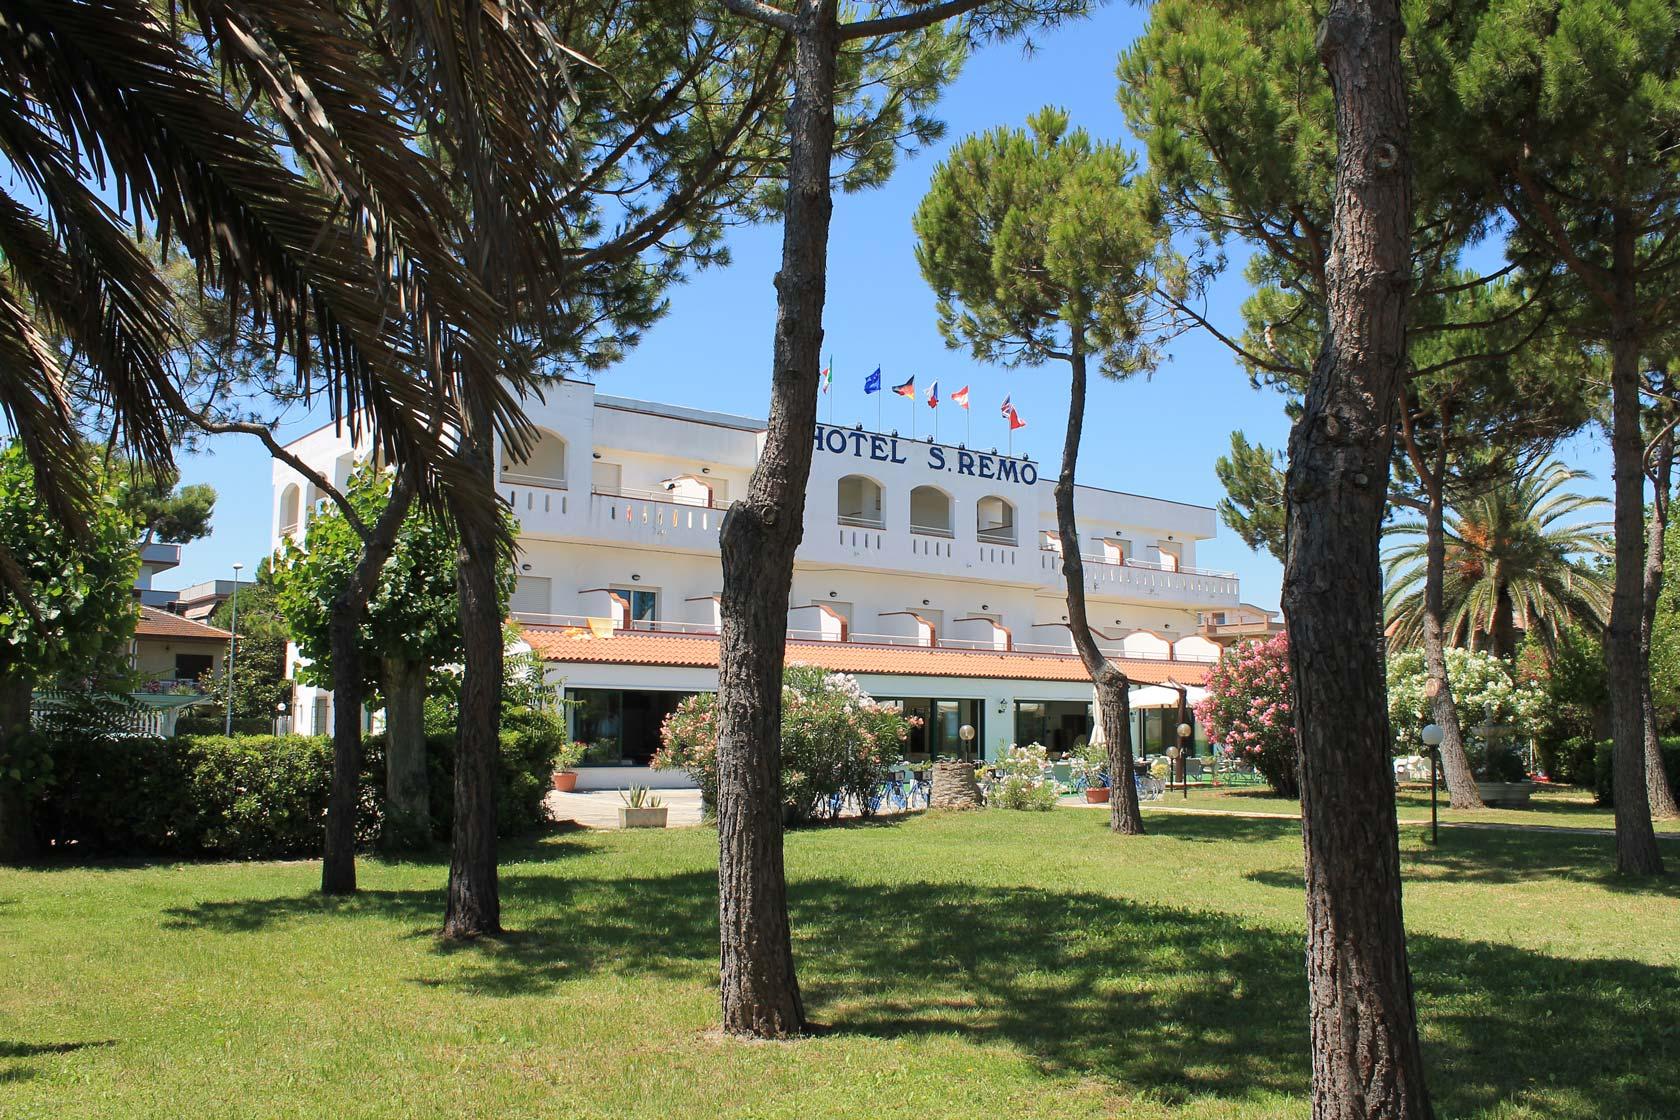 Hotel San Remo - All'ombra dei pini e delle palme